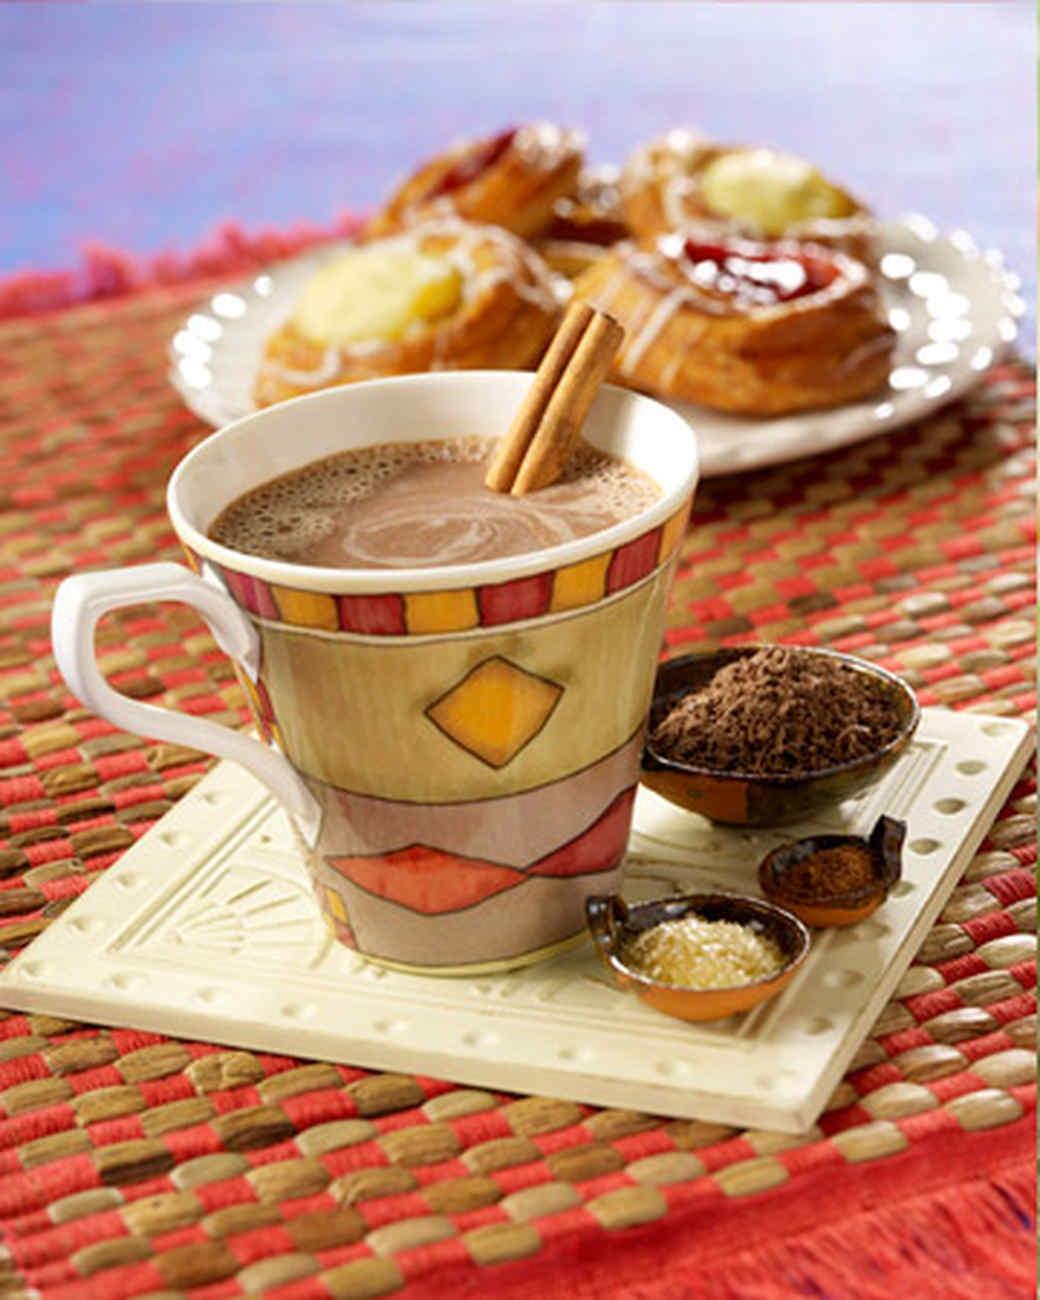 mexhotchocolate.jpg